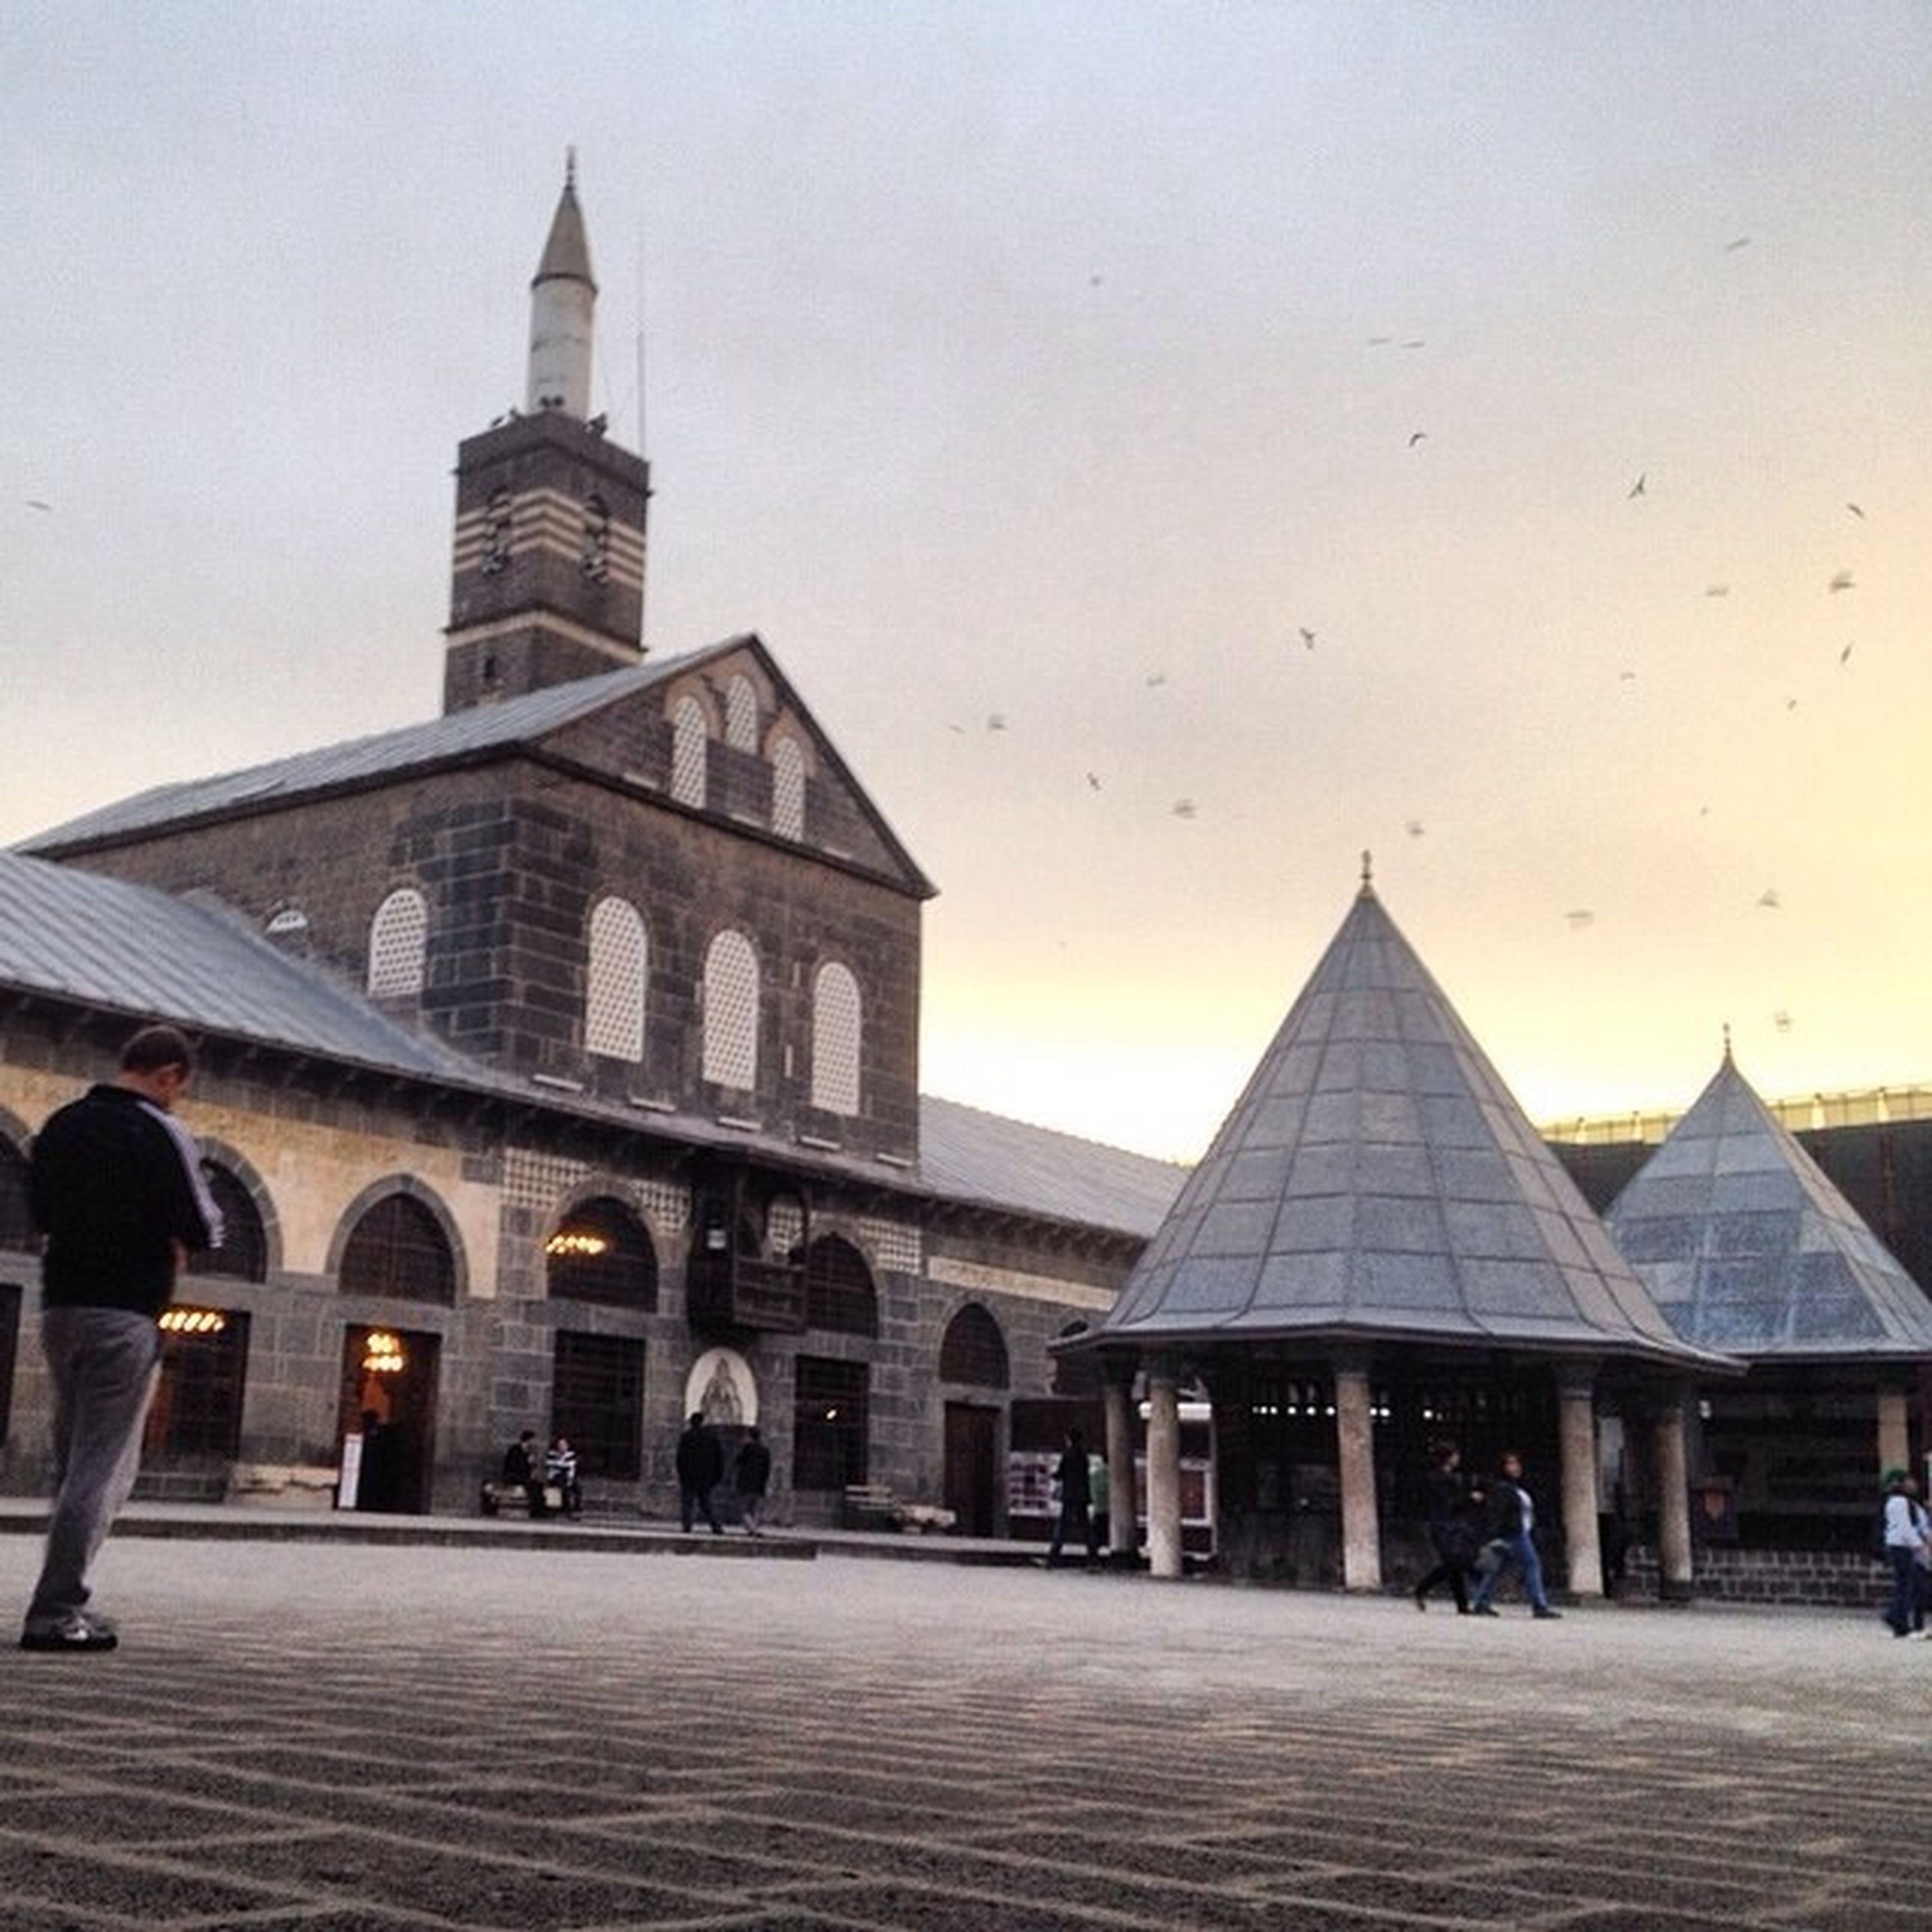 Ulu Cami - Diyarbakır Bymrt